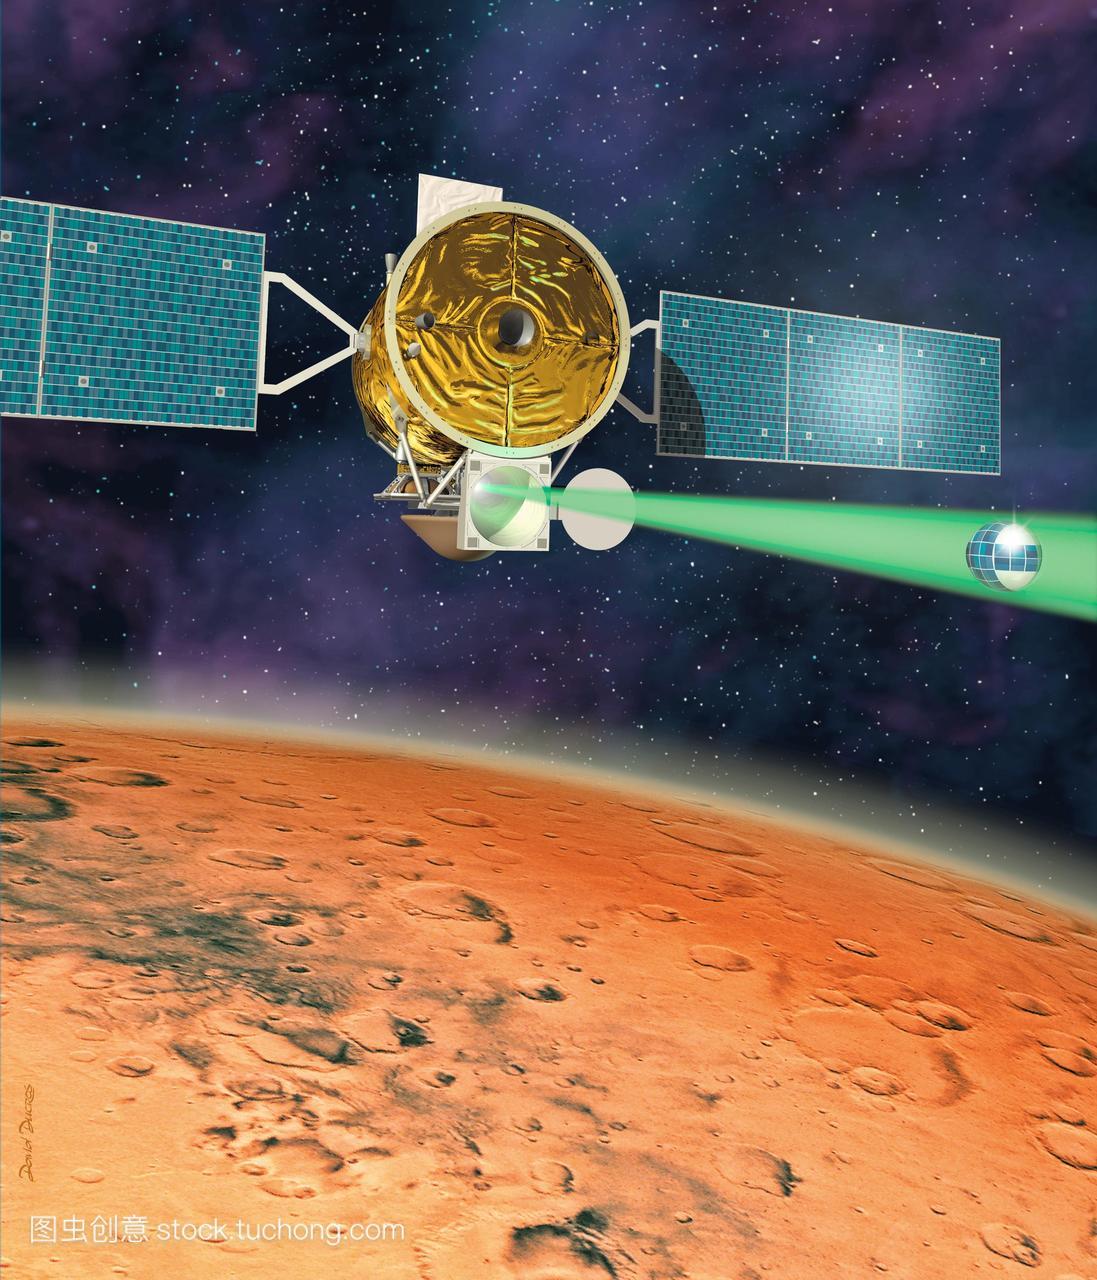 火星采样采样探测器。电脑v电脑的火星返回操作学前教育学籍管理步骤返回系统图片